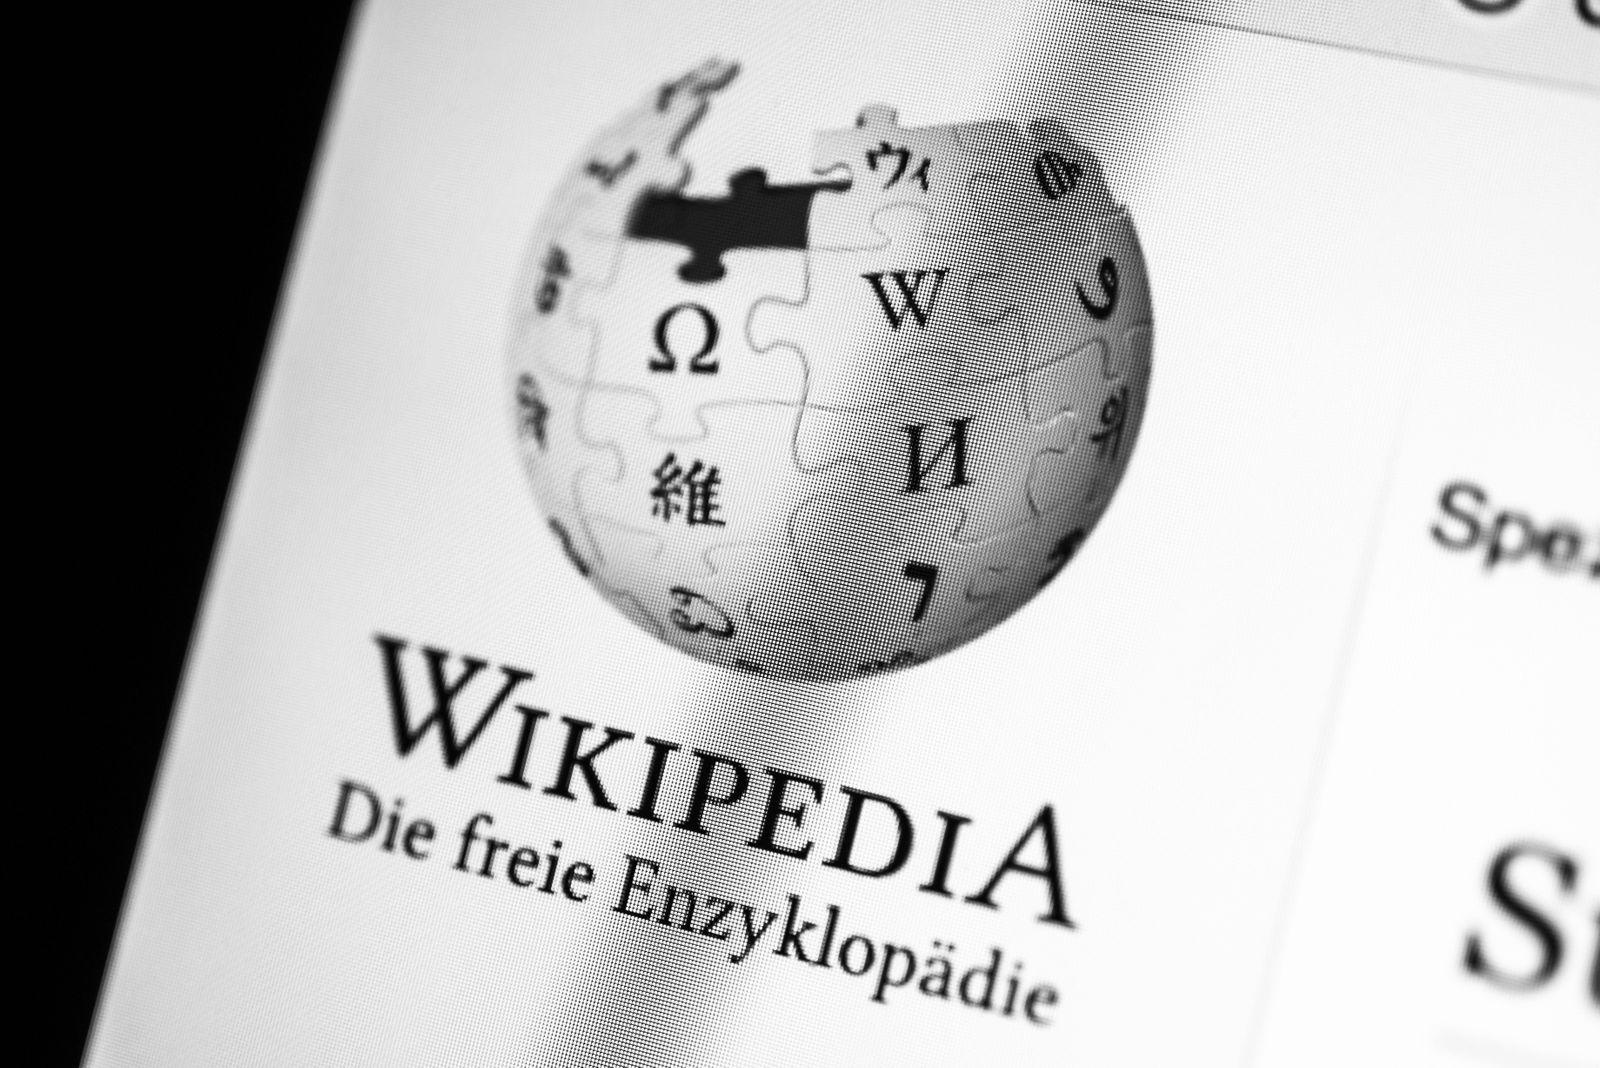 Icon Logo Wikipedia Website wikipedia de Makroaufnahme Detail formatfüllend Bildschirmfoto C